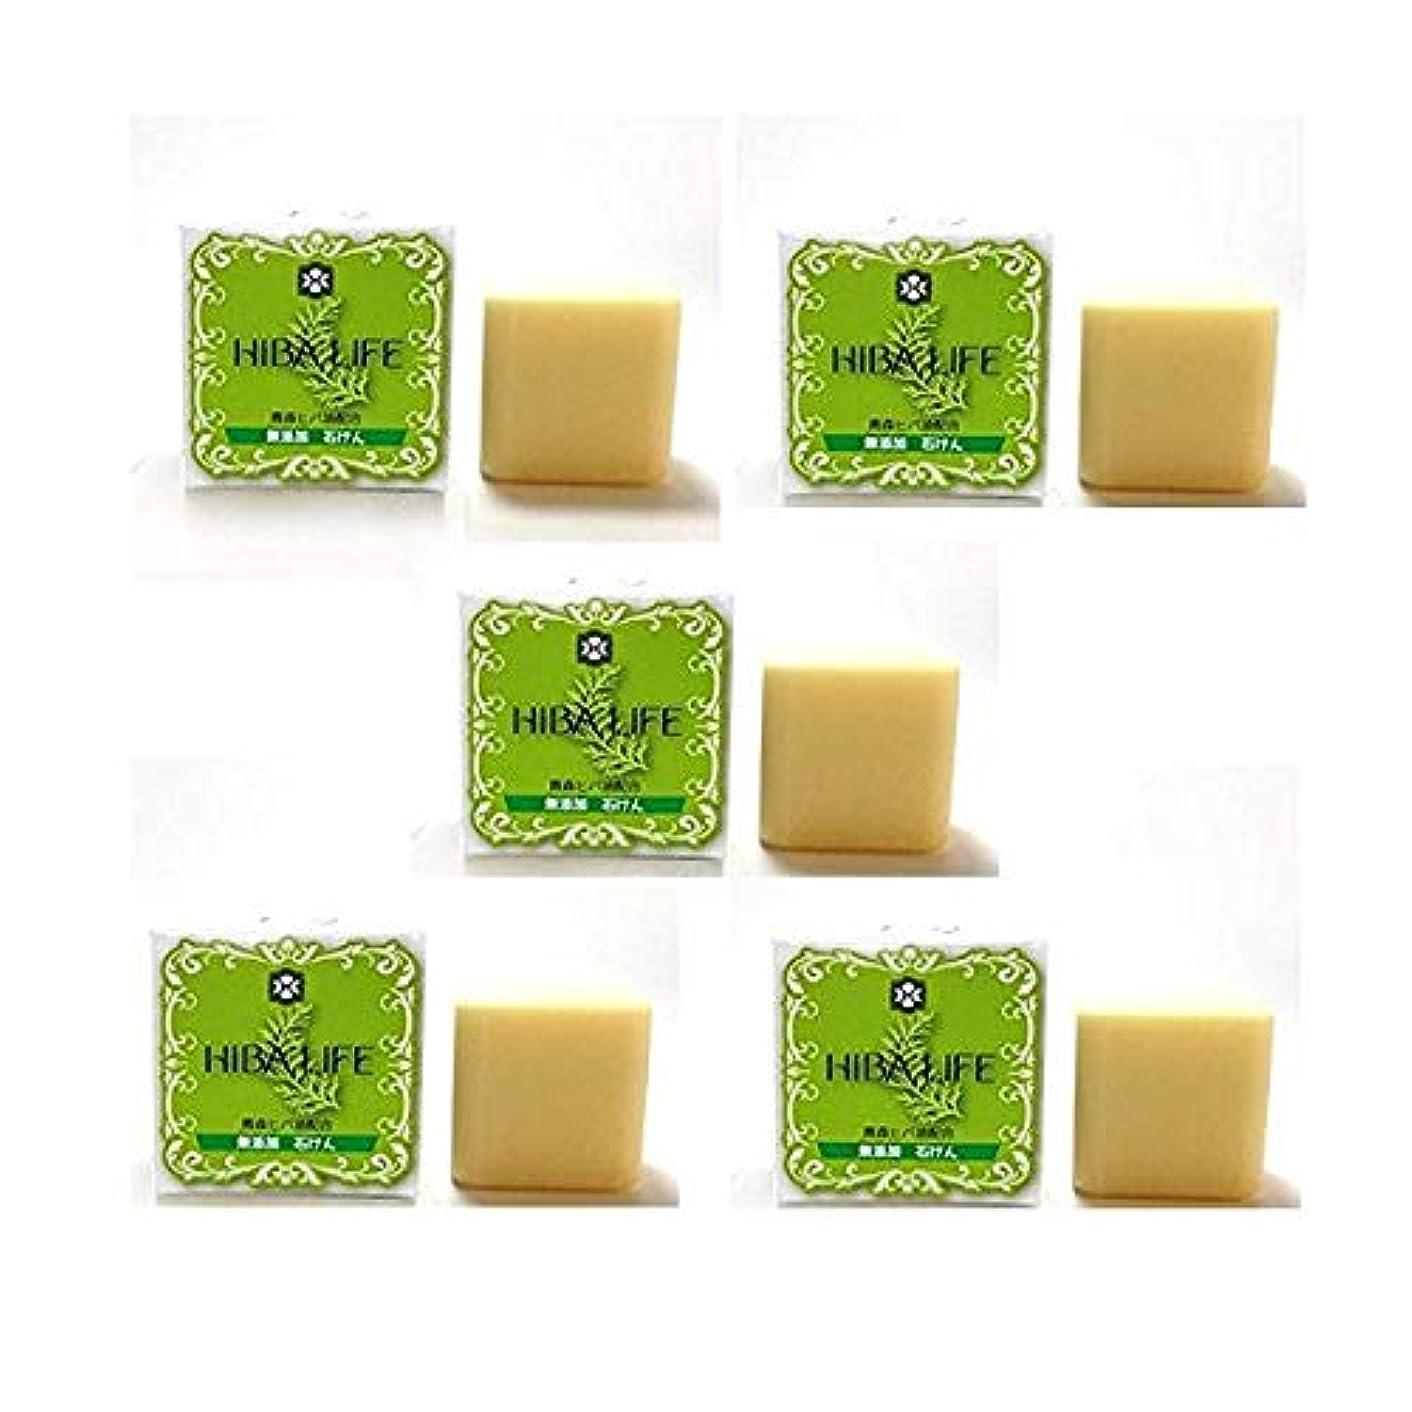 マトン好戦的な刈るヒバ石鹸 ひばの森化粧石鹸5個セット(100g×5個) 青森ヒバ精油配合の無添加ひば石鹸